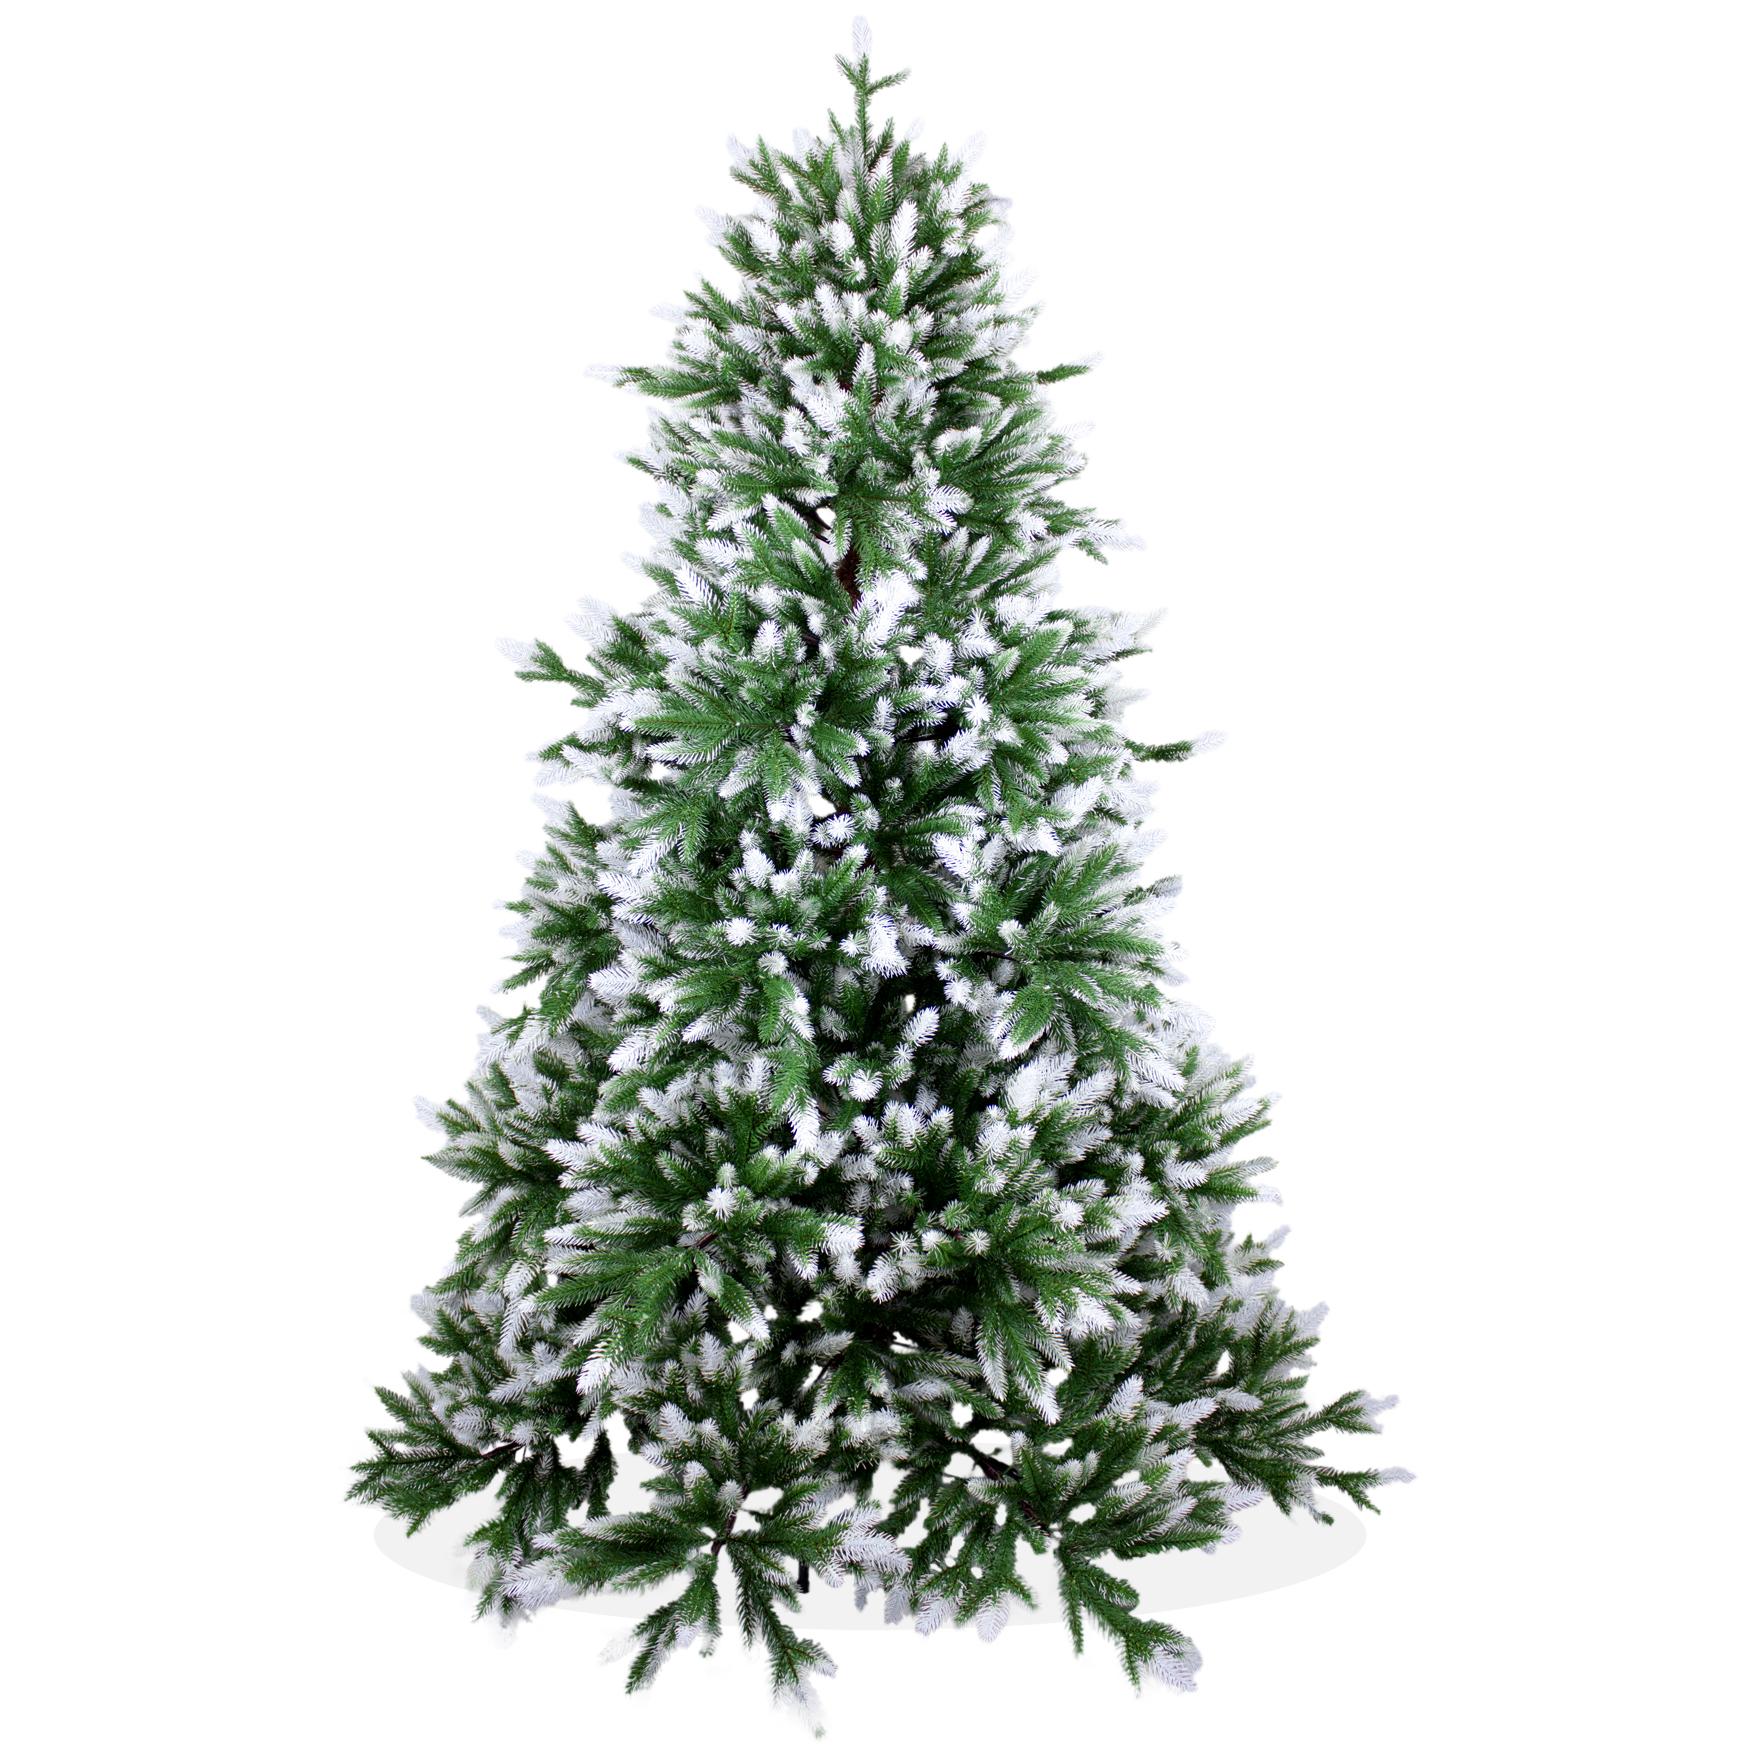 k nstlicher weihnachtsbaum 180cm deluxe pe spritzguss beschneiter tannenbaum nordmanntanne. Black Bedroom Furniture Sets. Home Design Ideas